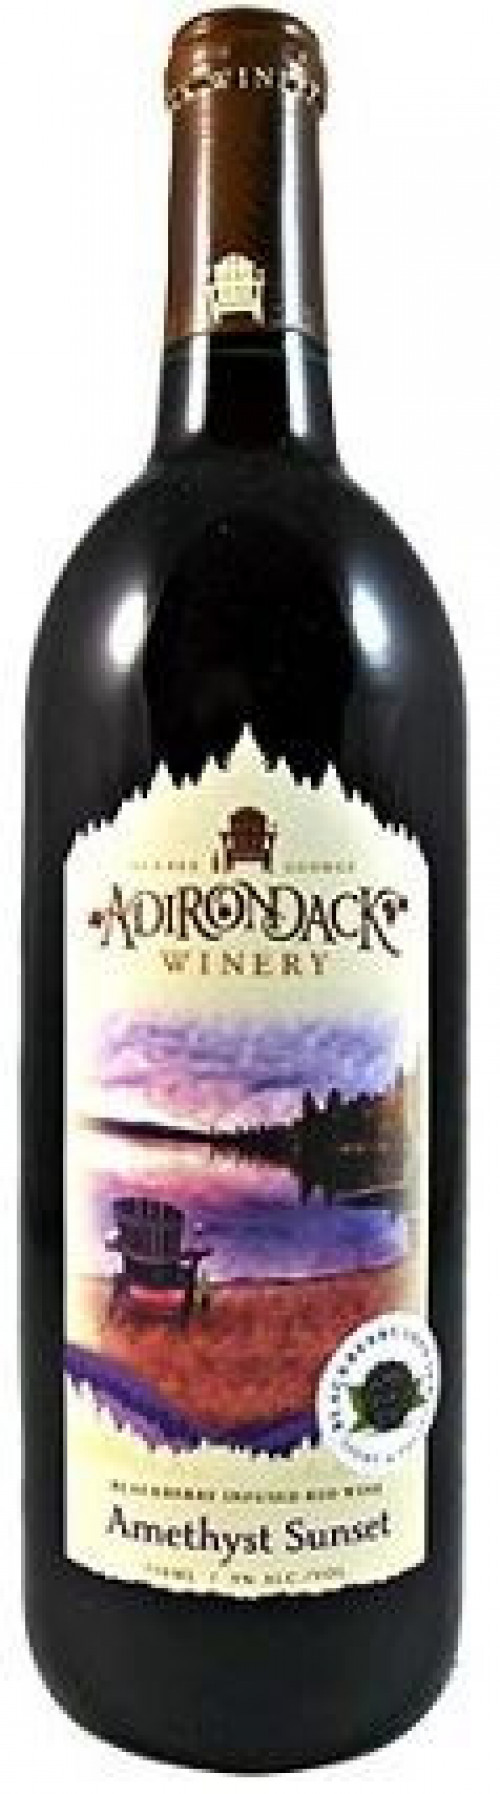 Adirondack Winery Amethyst Sunset 750ml NV